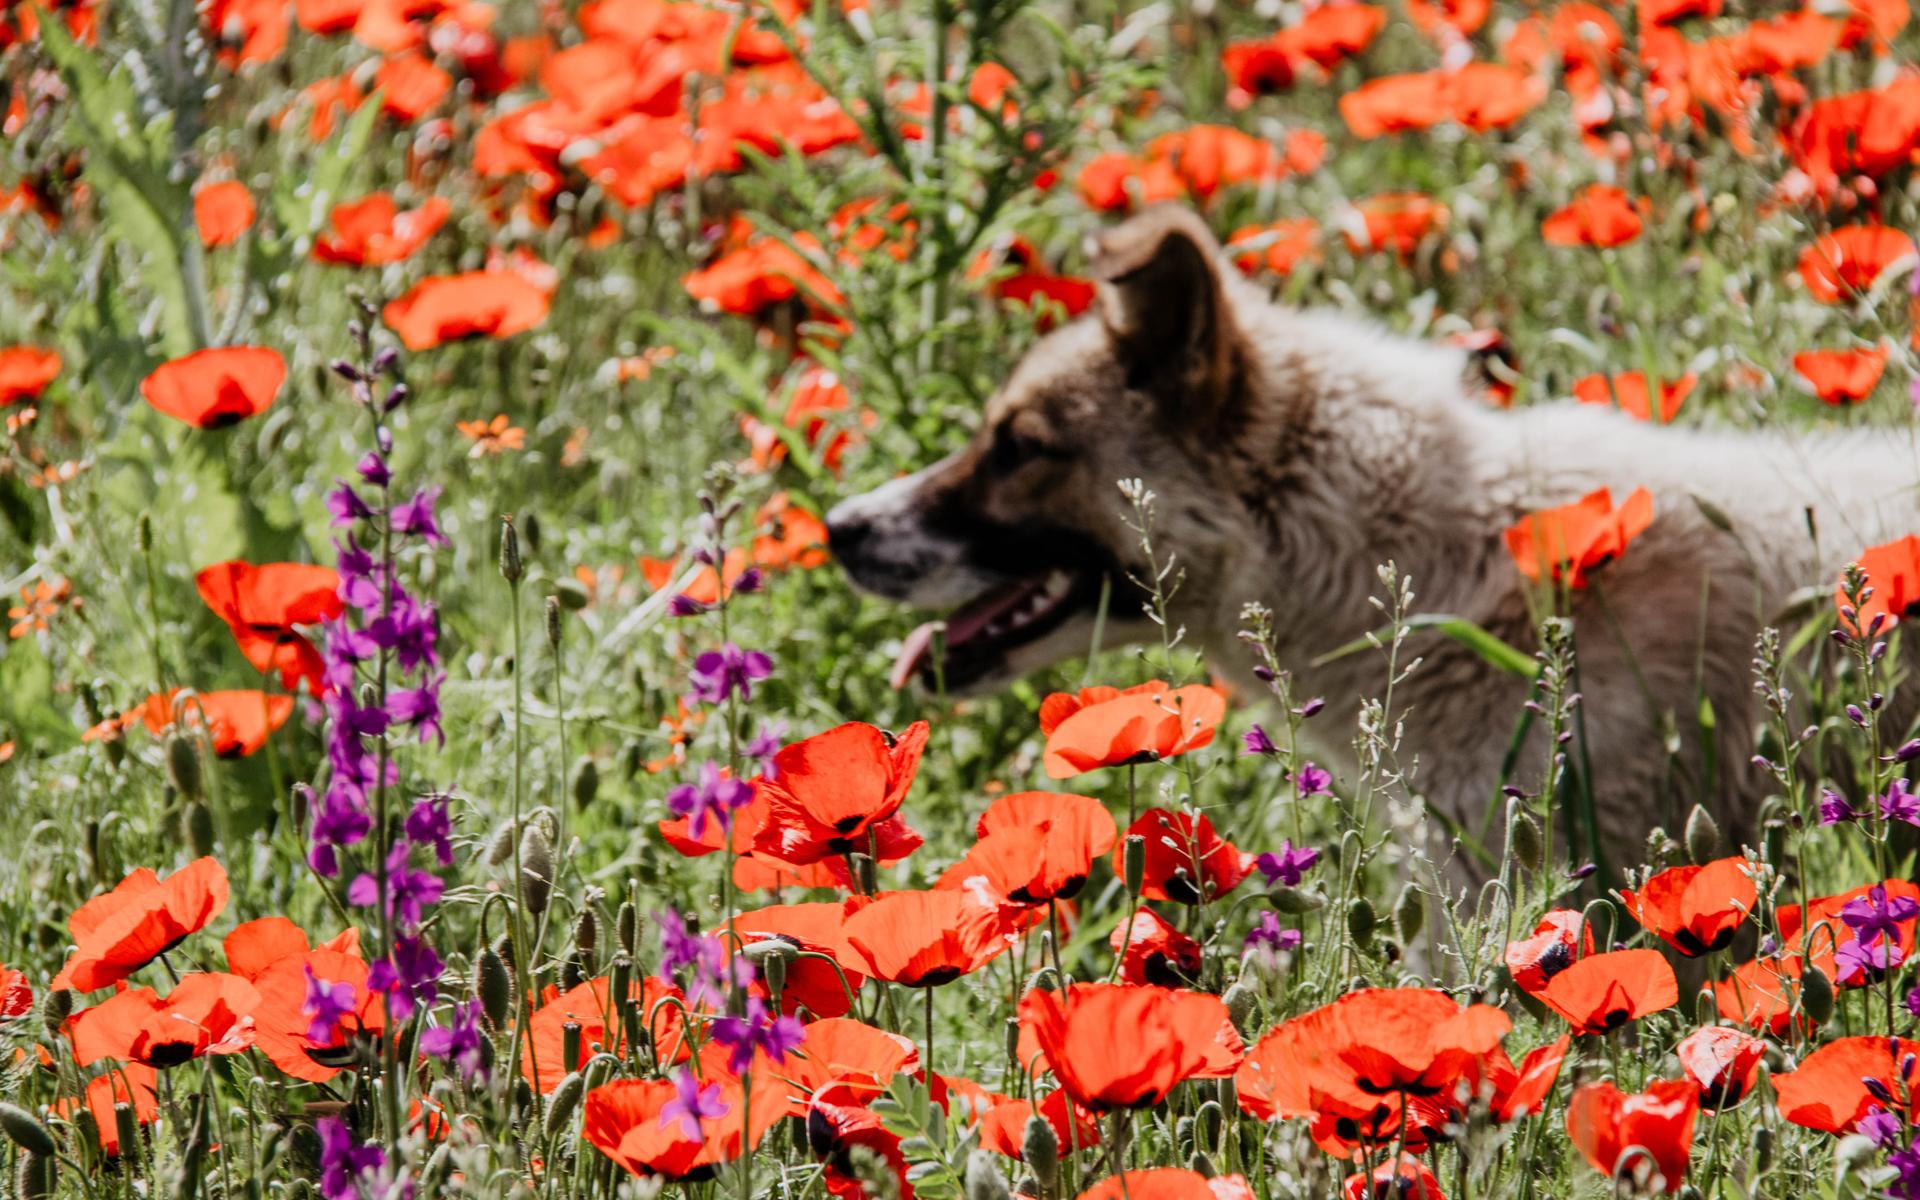 Ein Mohnblumenfeld in Armenien, durch das ein Hund läuft.